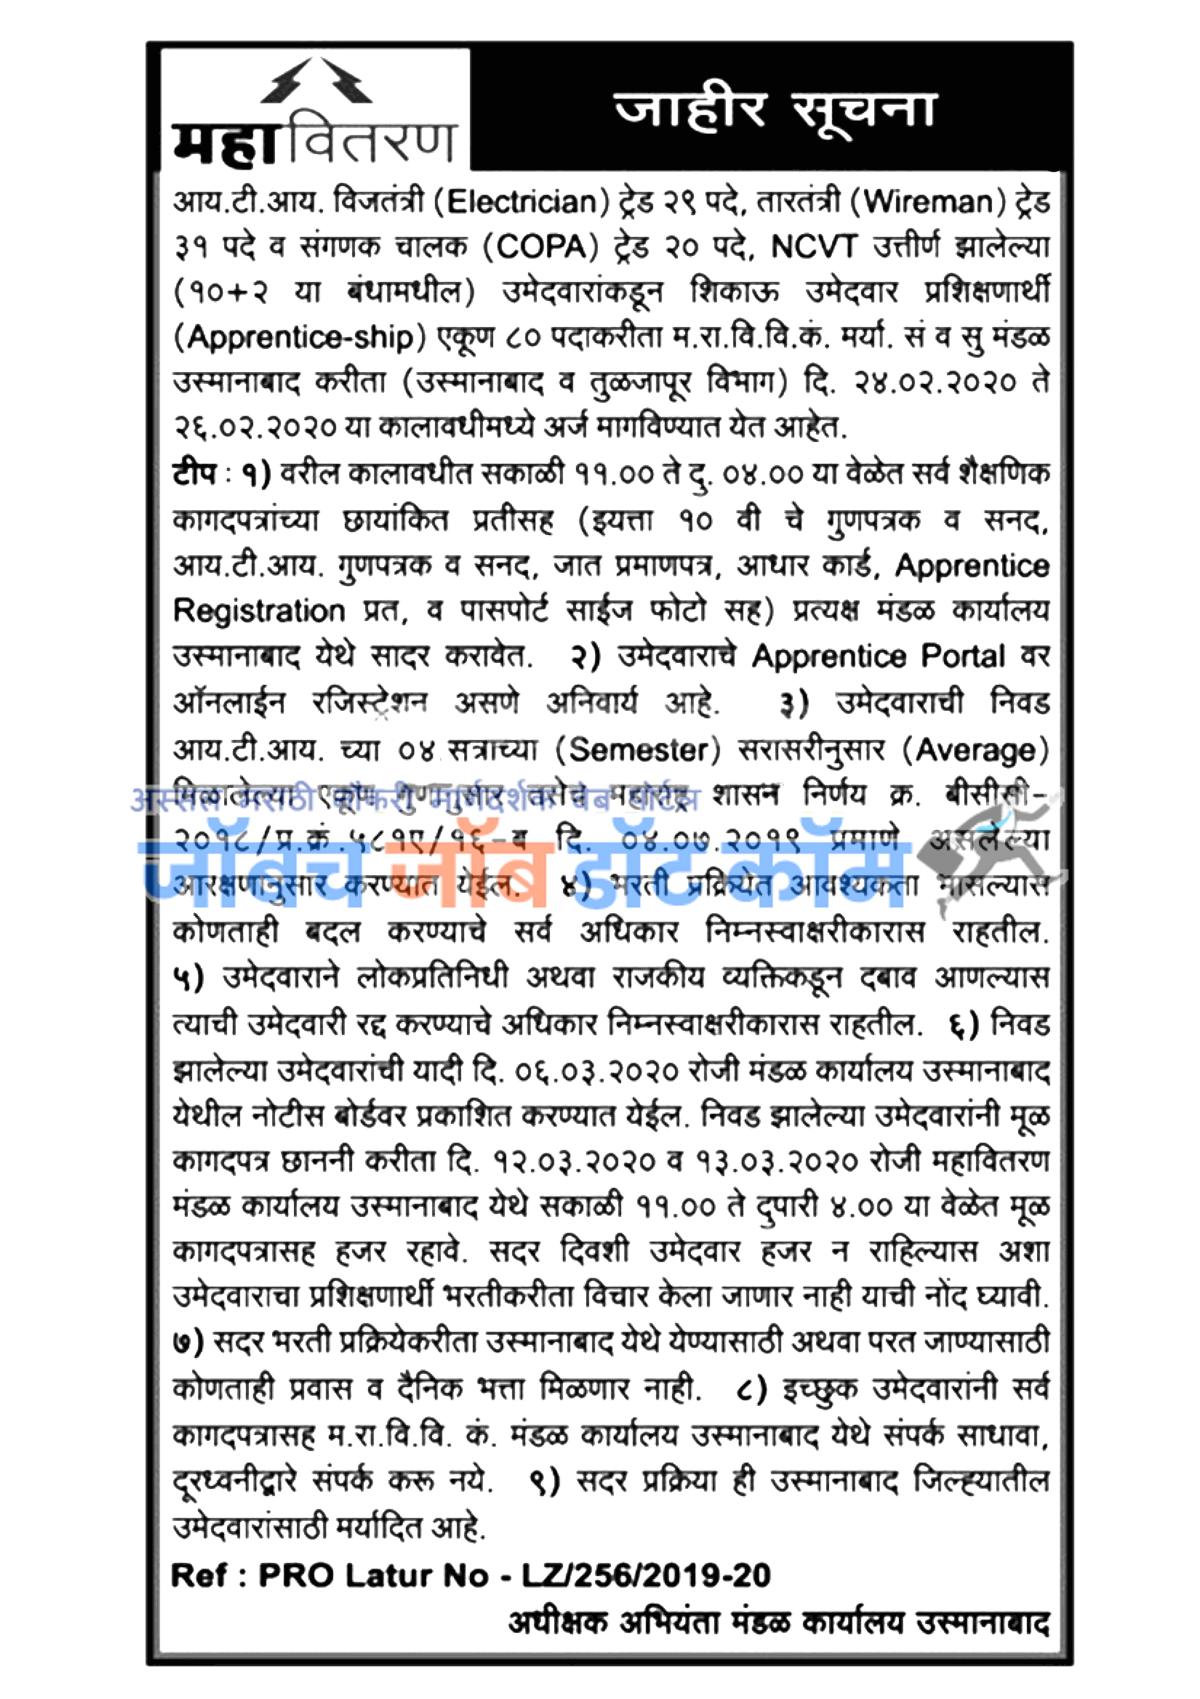 Mahavitaran ITI Apprentice Bharti 2020 Mahadiscom Osmanabad Tulajapur